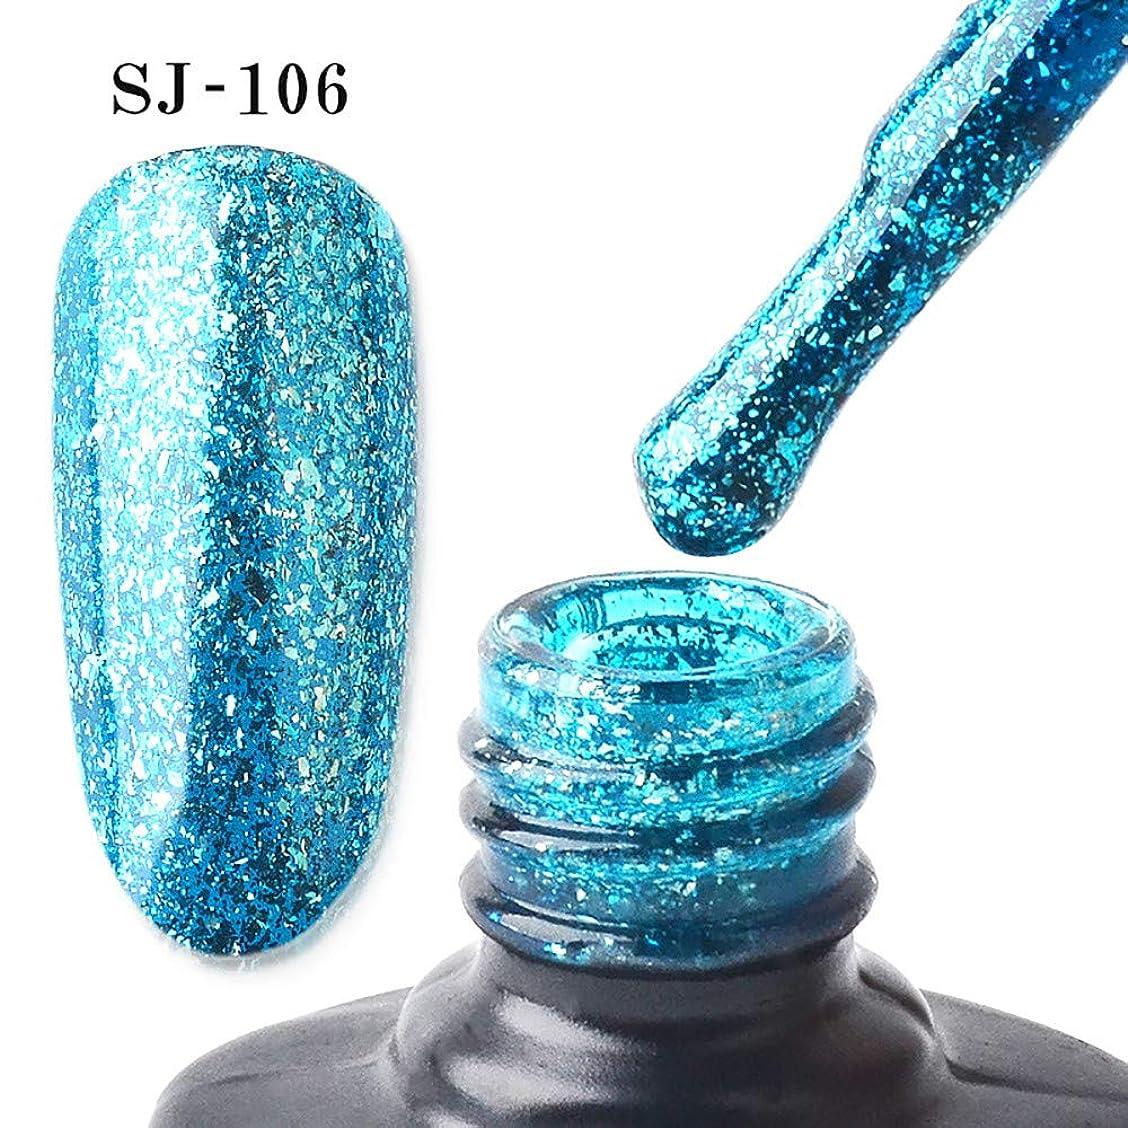 休眠サイトライン以上新しい到着ジェルネイルマニキュア8ミリリットルダイヤモンドグリッターネイルポリッシュスパンコールジェルネイル